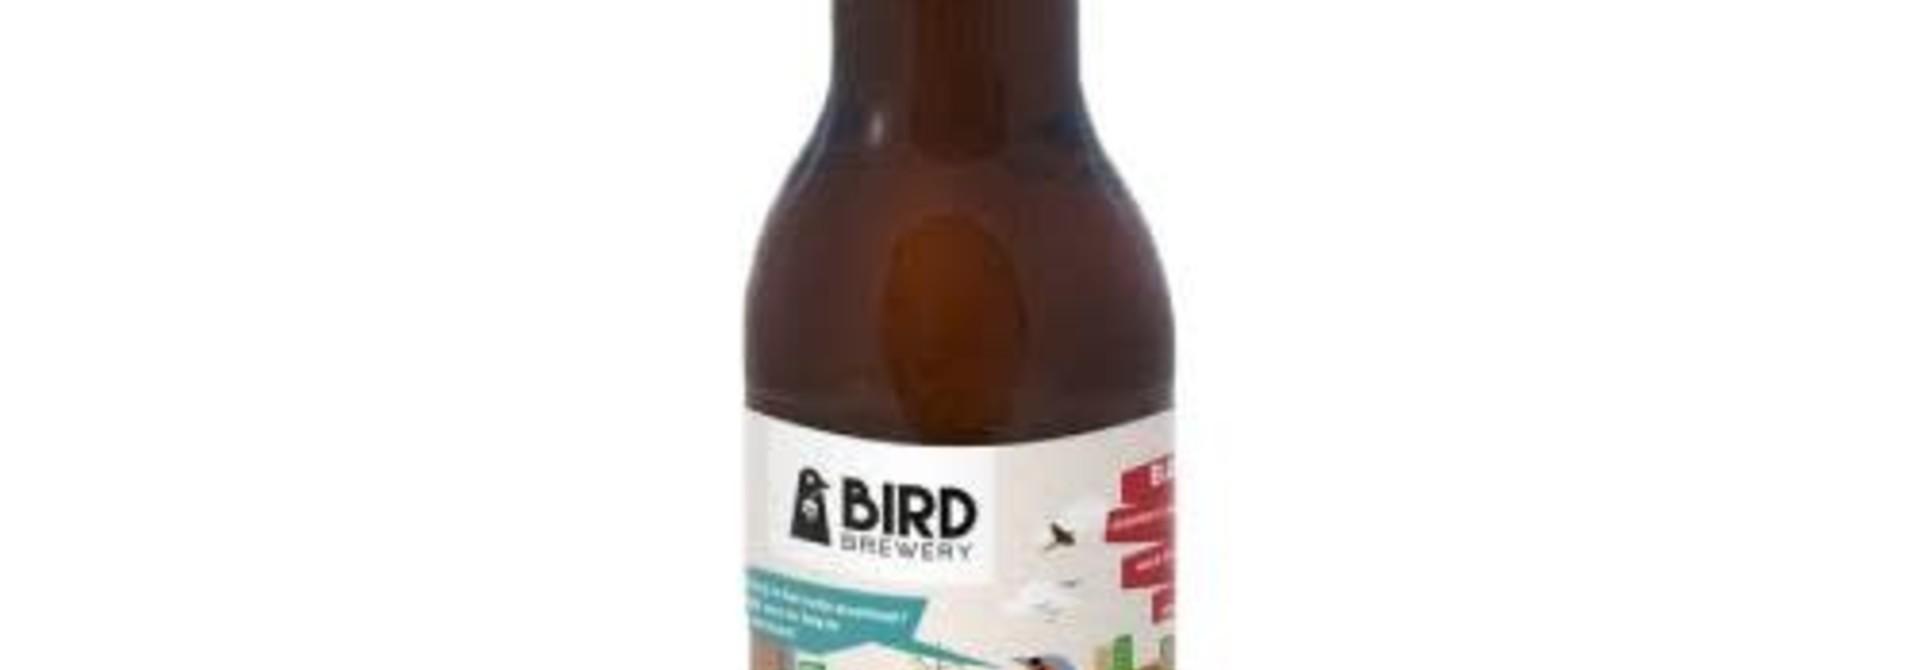 BIRD BREW. VINK HEERLIJK 33CL